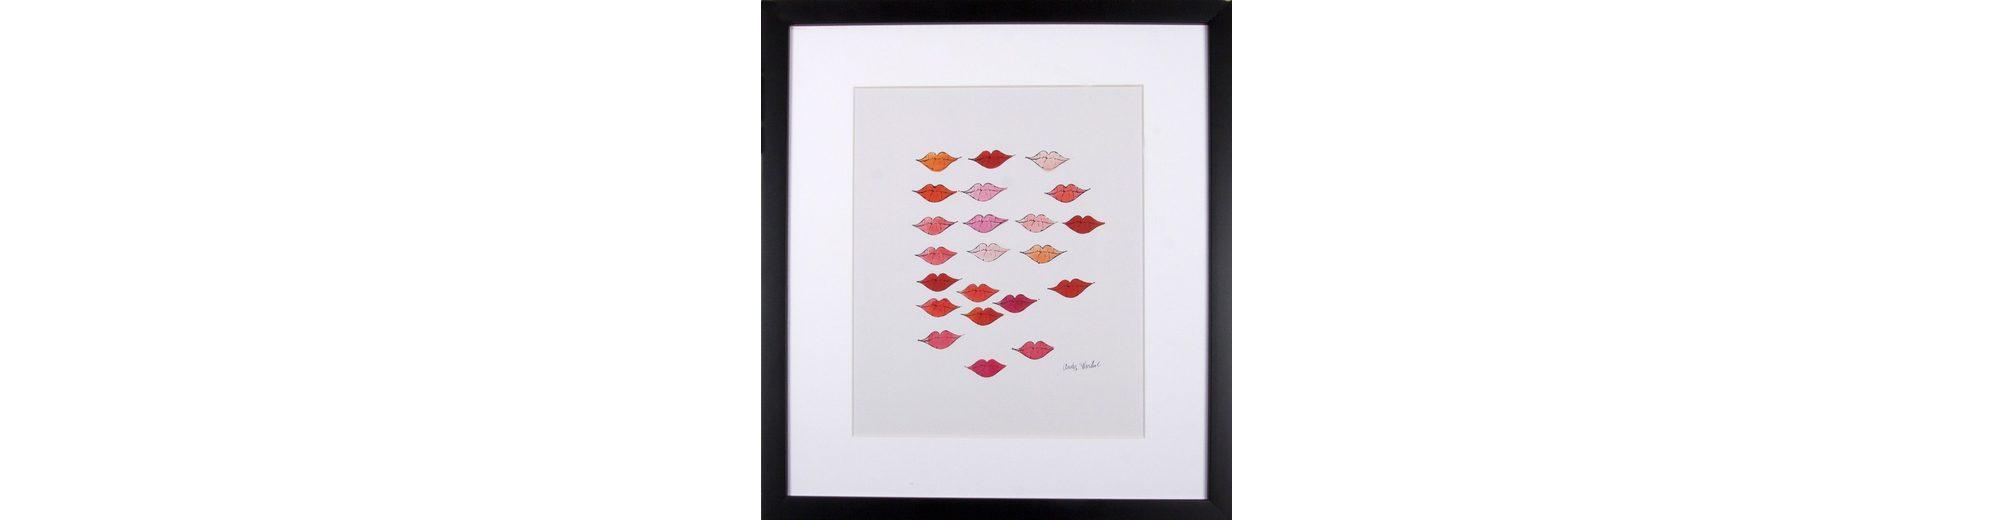 G&C gerahmter Kunstdruck Andy Warhol, »Schöne rote Lippen«, 33/43